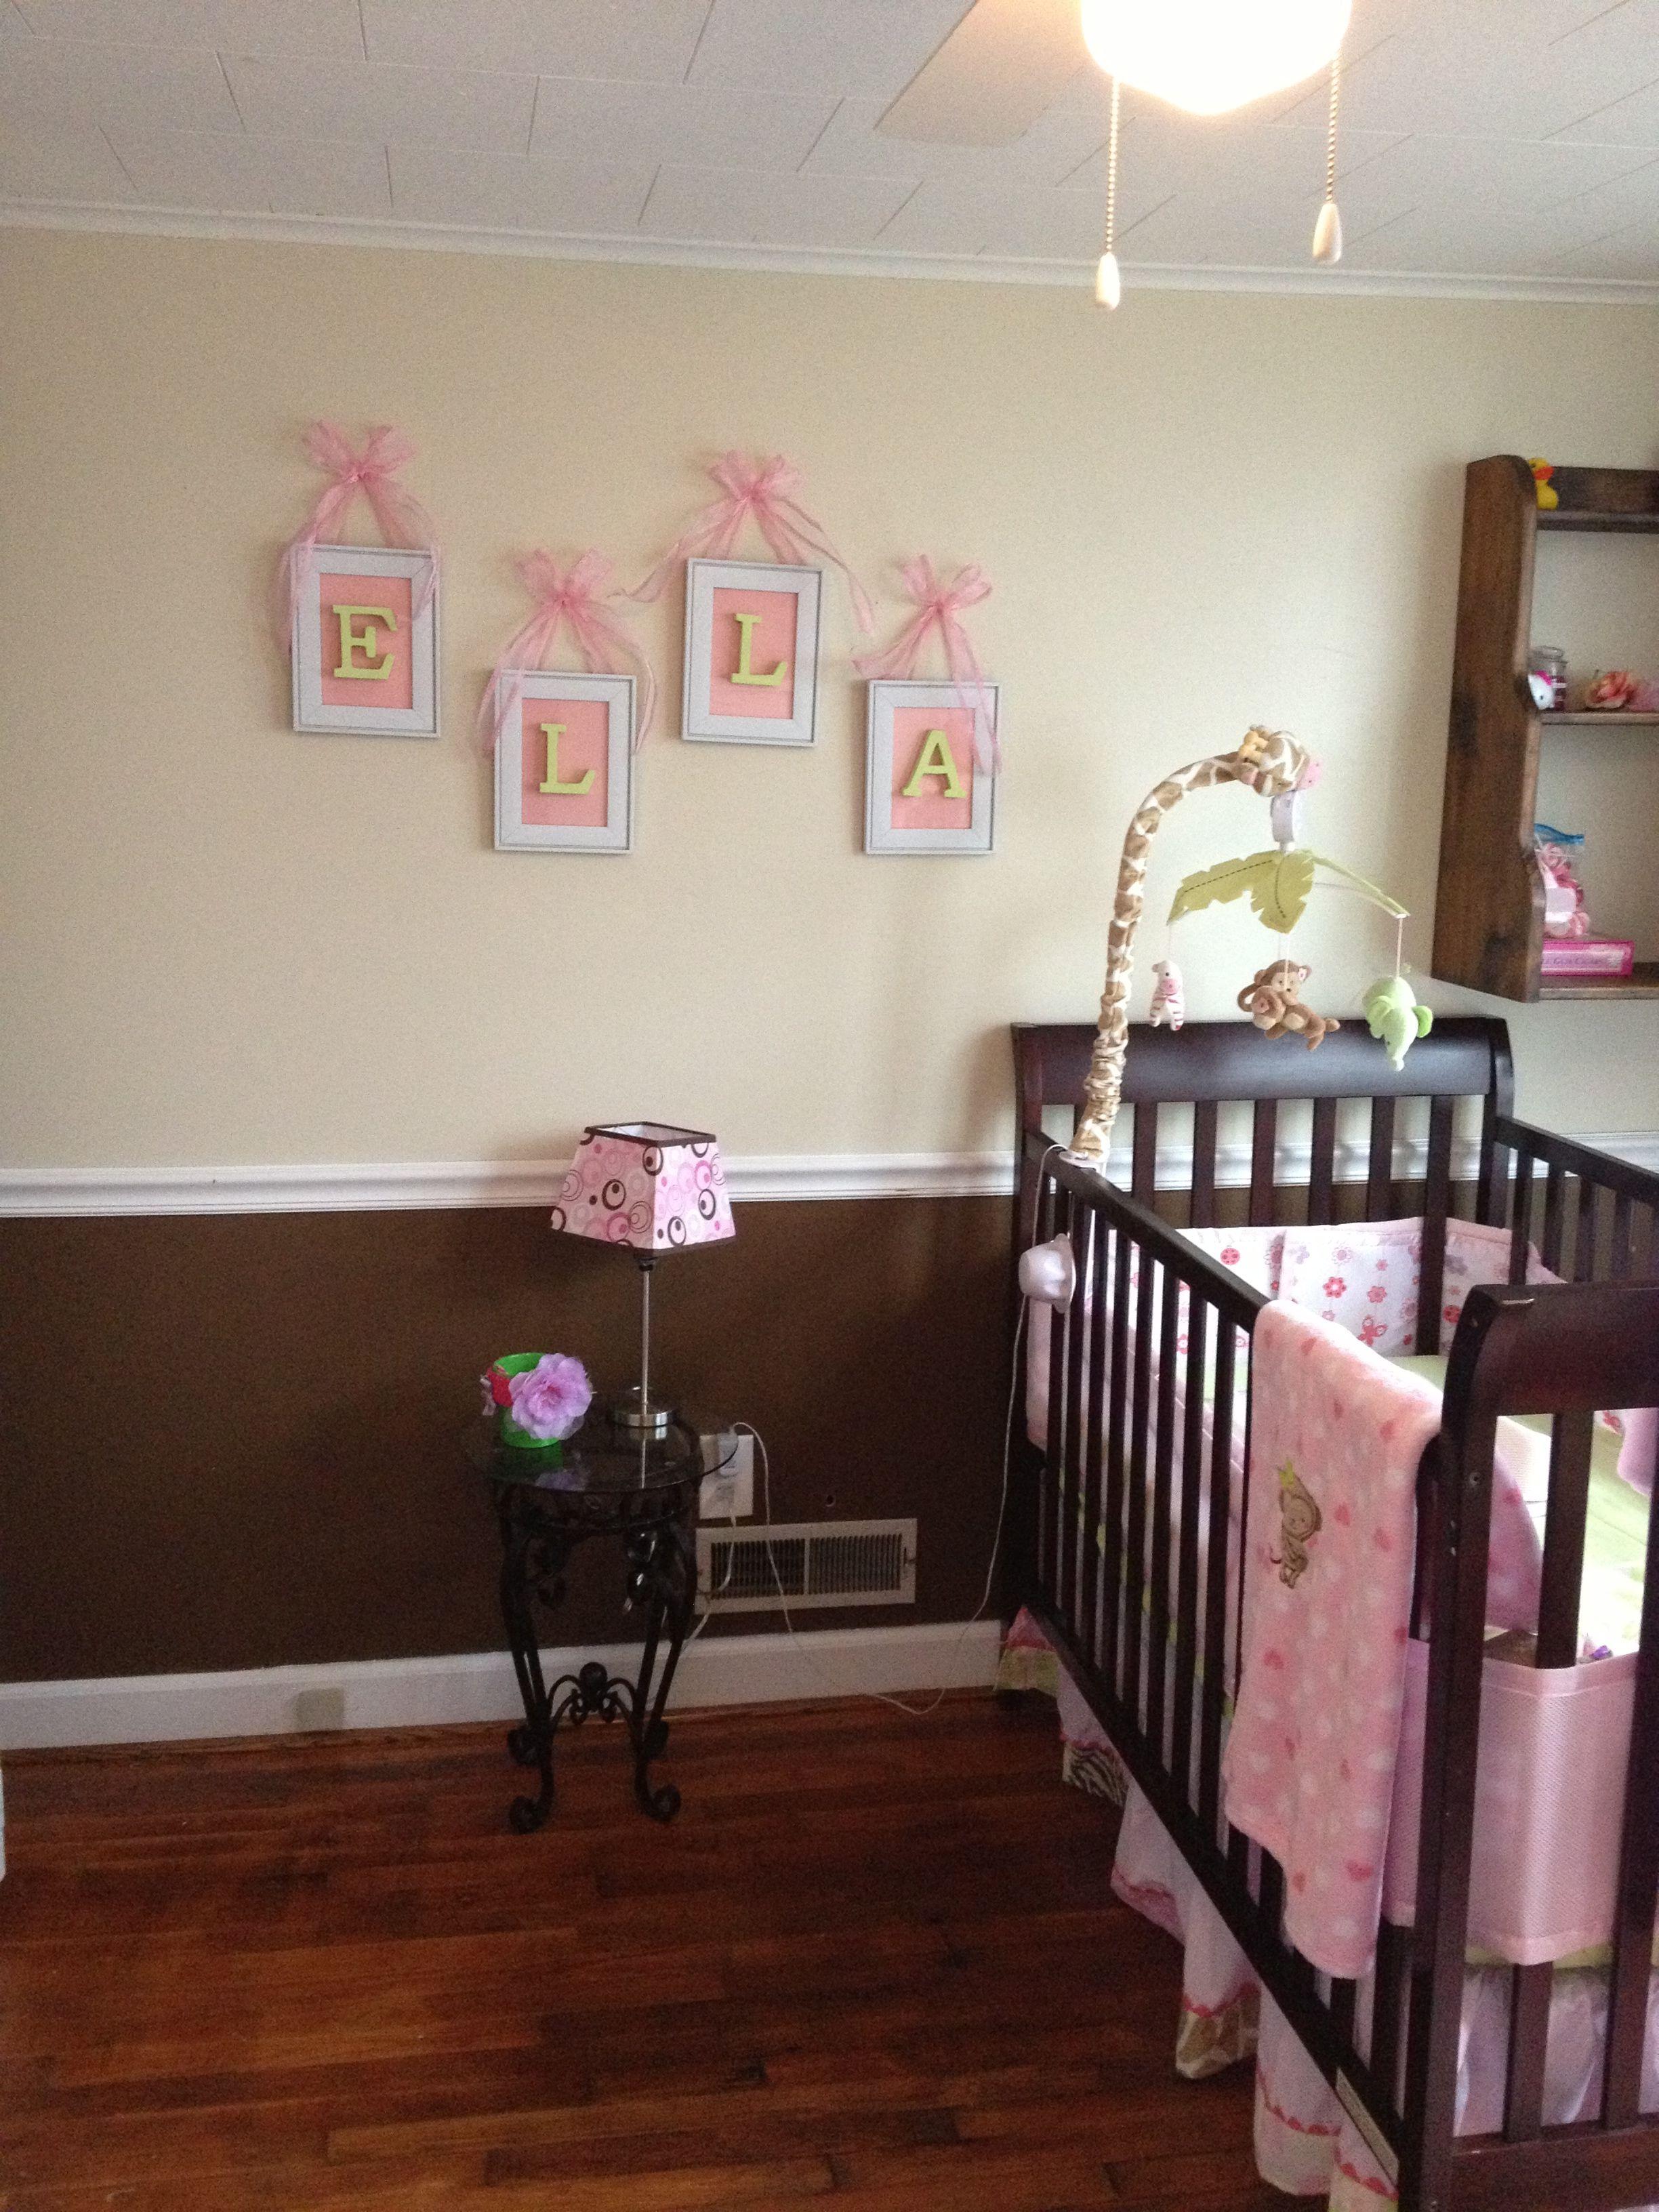 Amazing Boy Nursery: Baby Girl's Name On Wall For Nursery